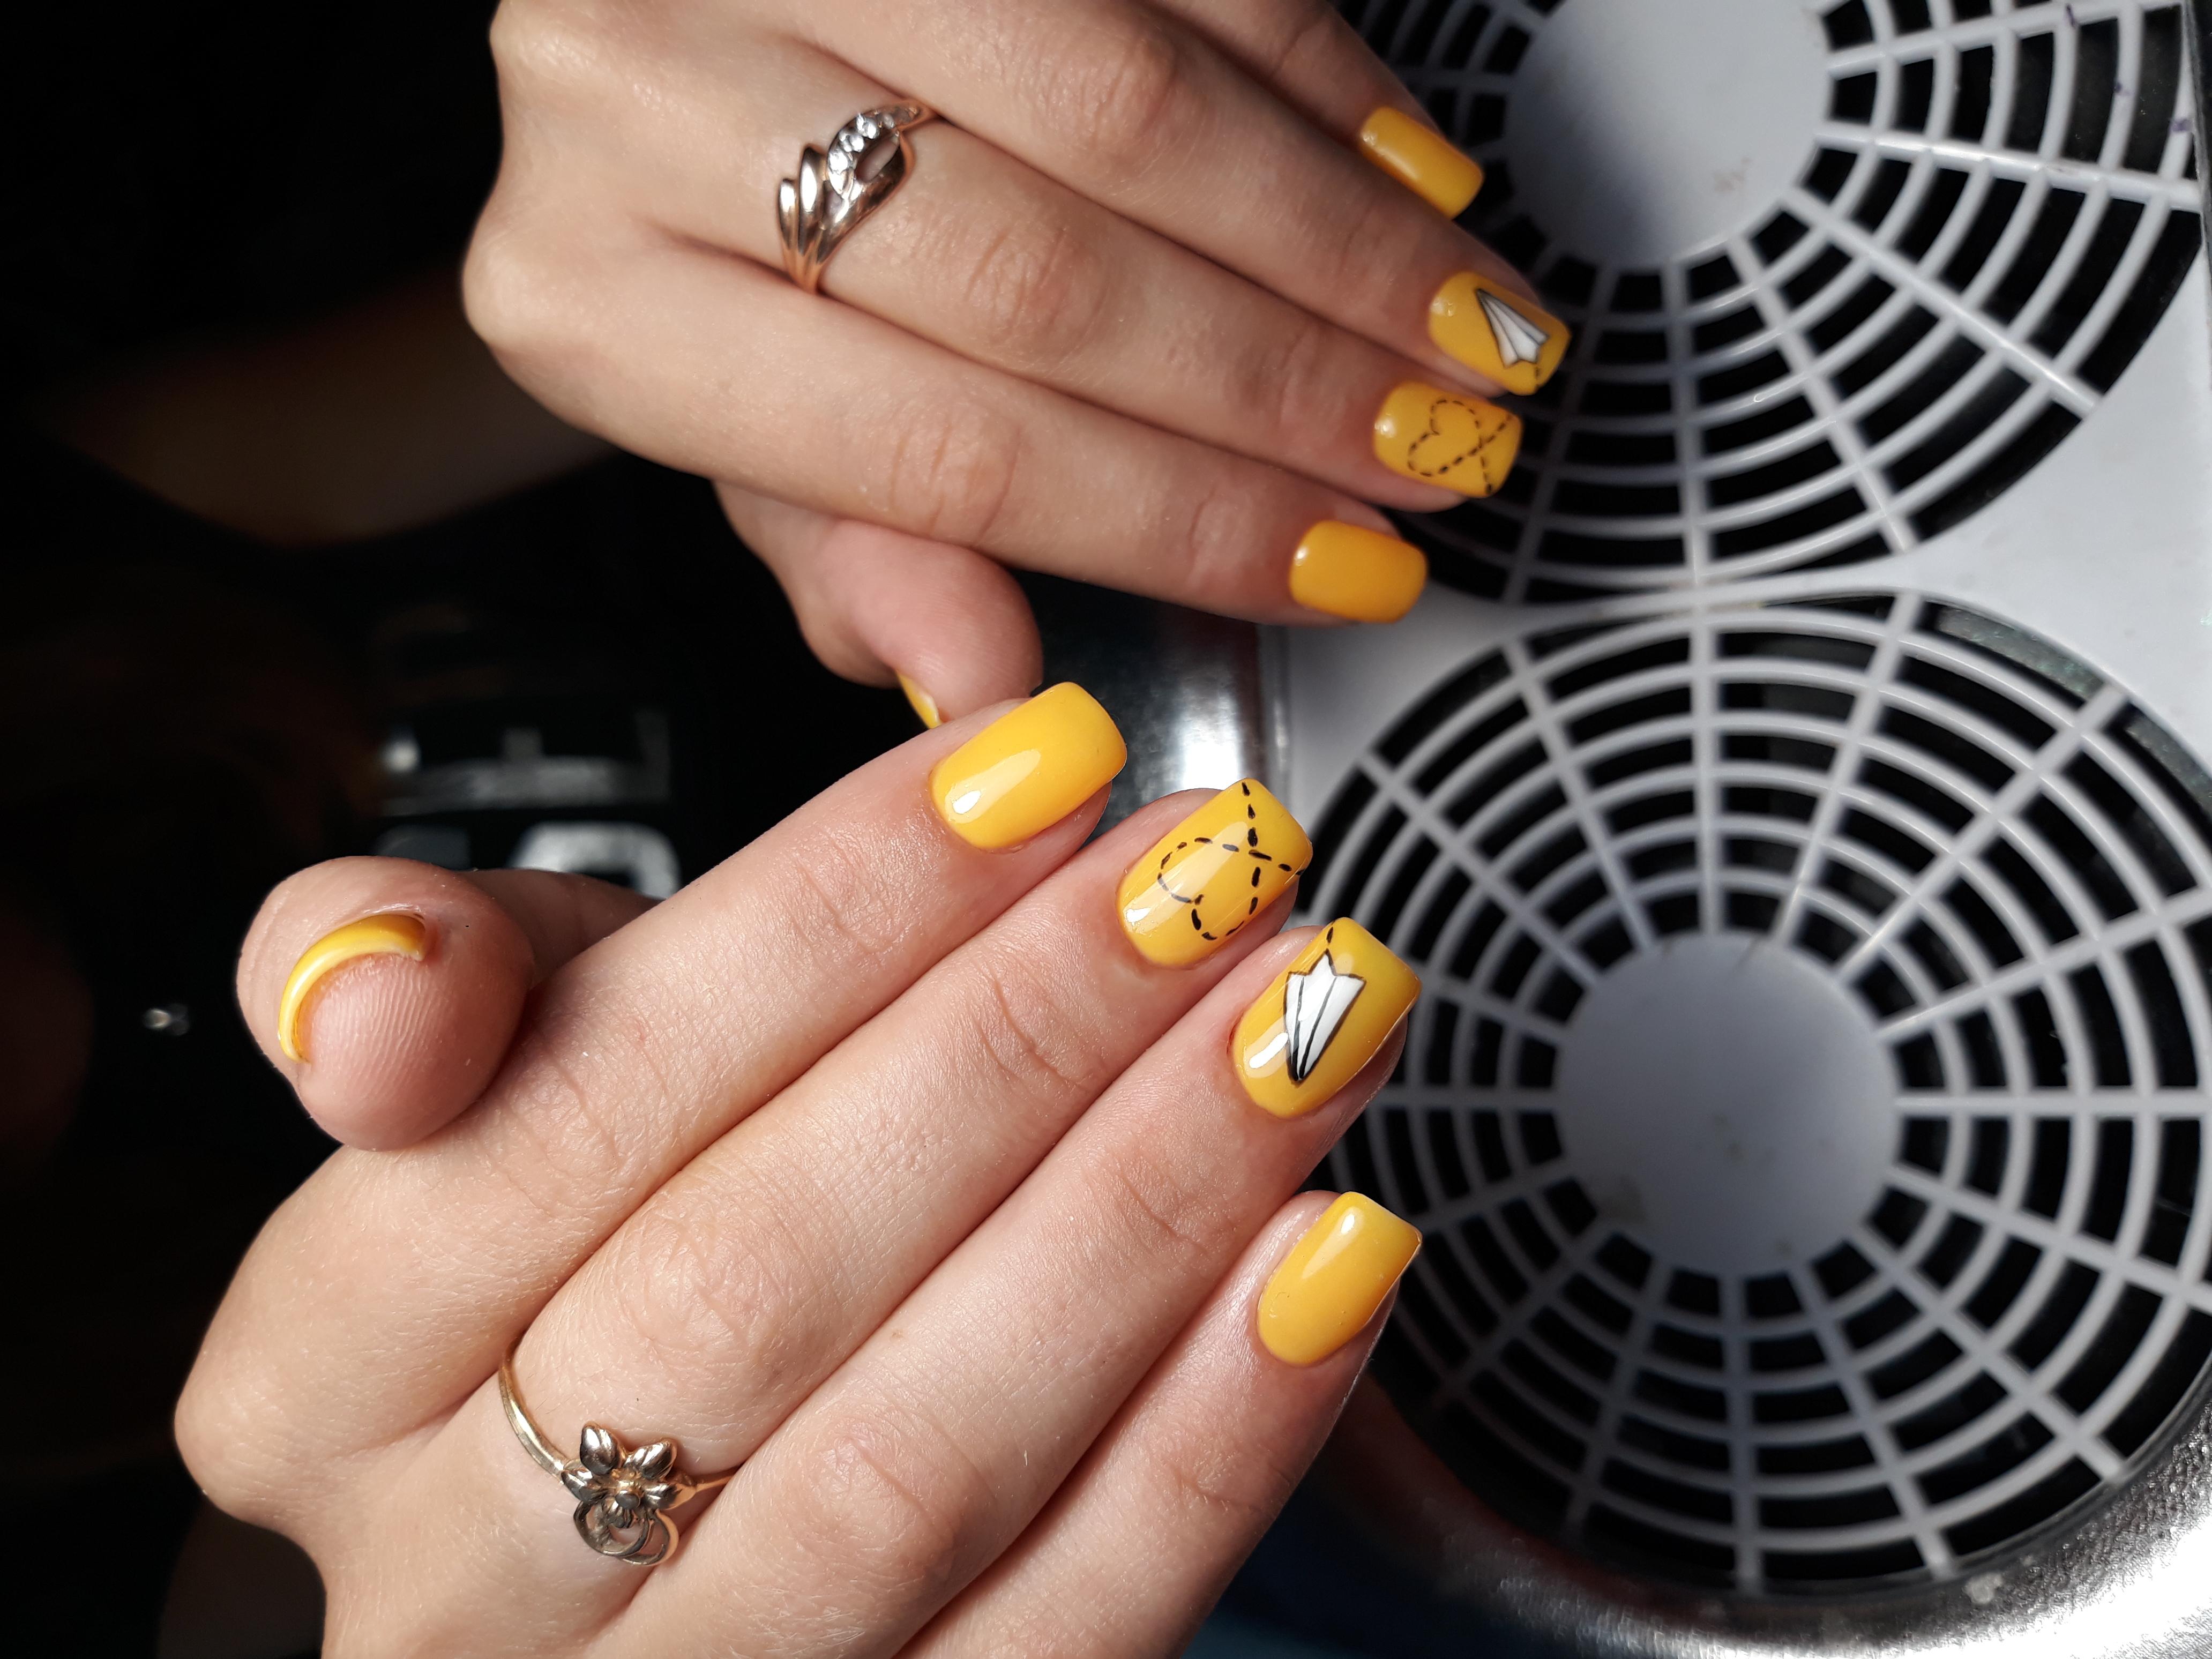 Маникюр с рисунком в желтом цвете на короткие ногти.